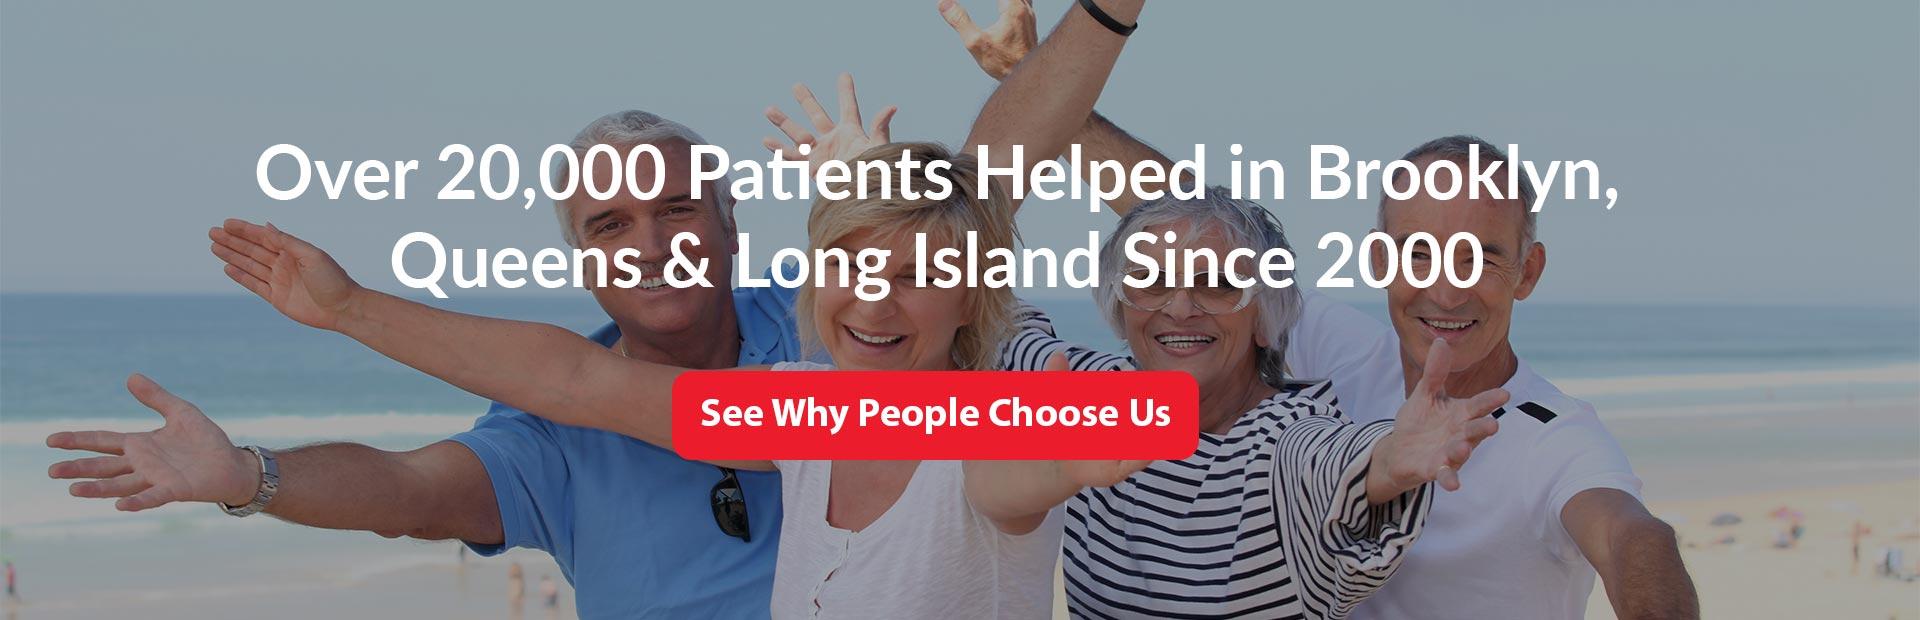 patients helped